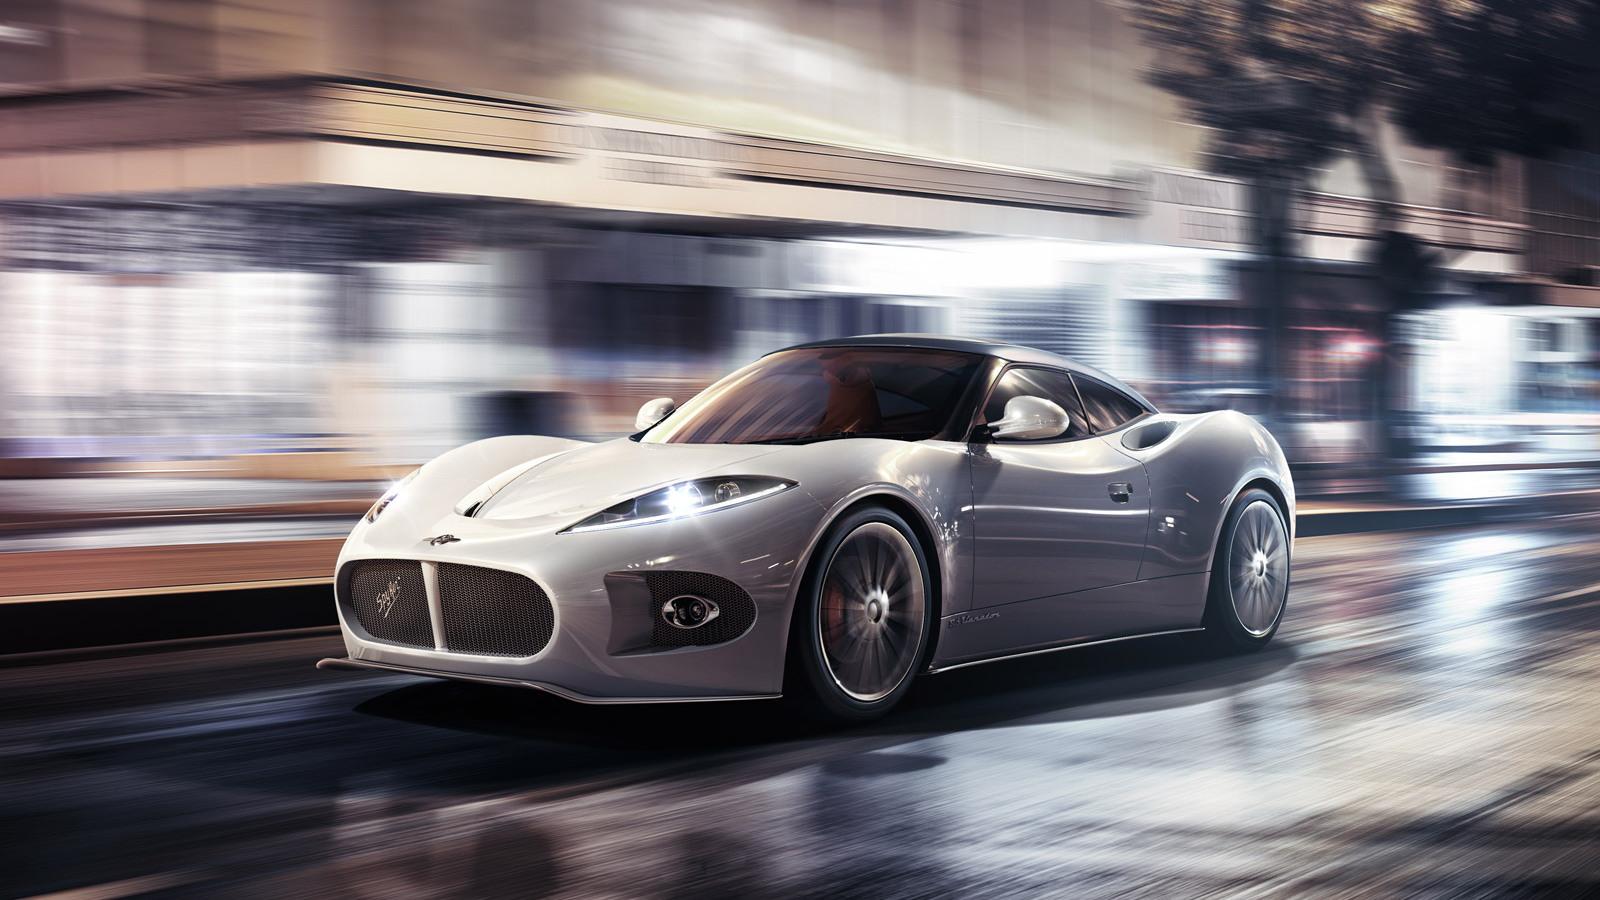 Spyker B6 Venator concept car